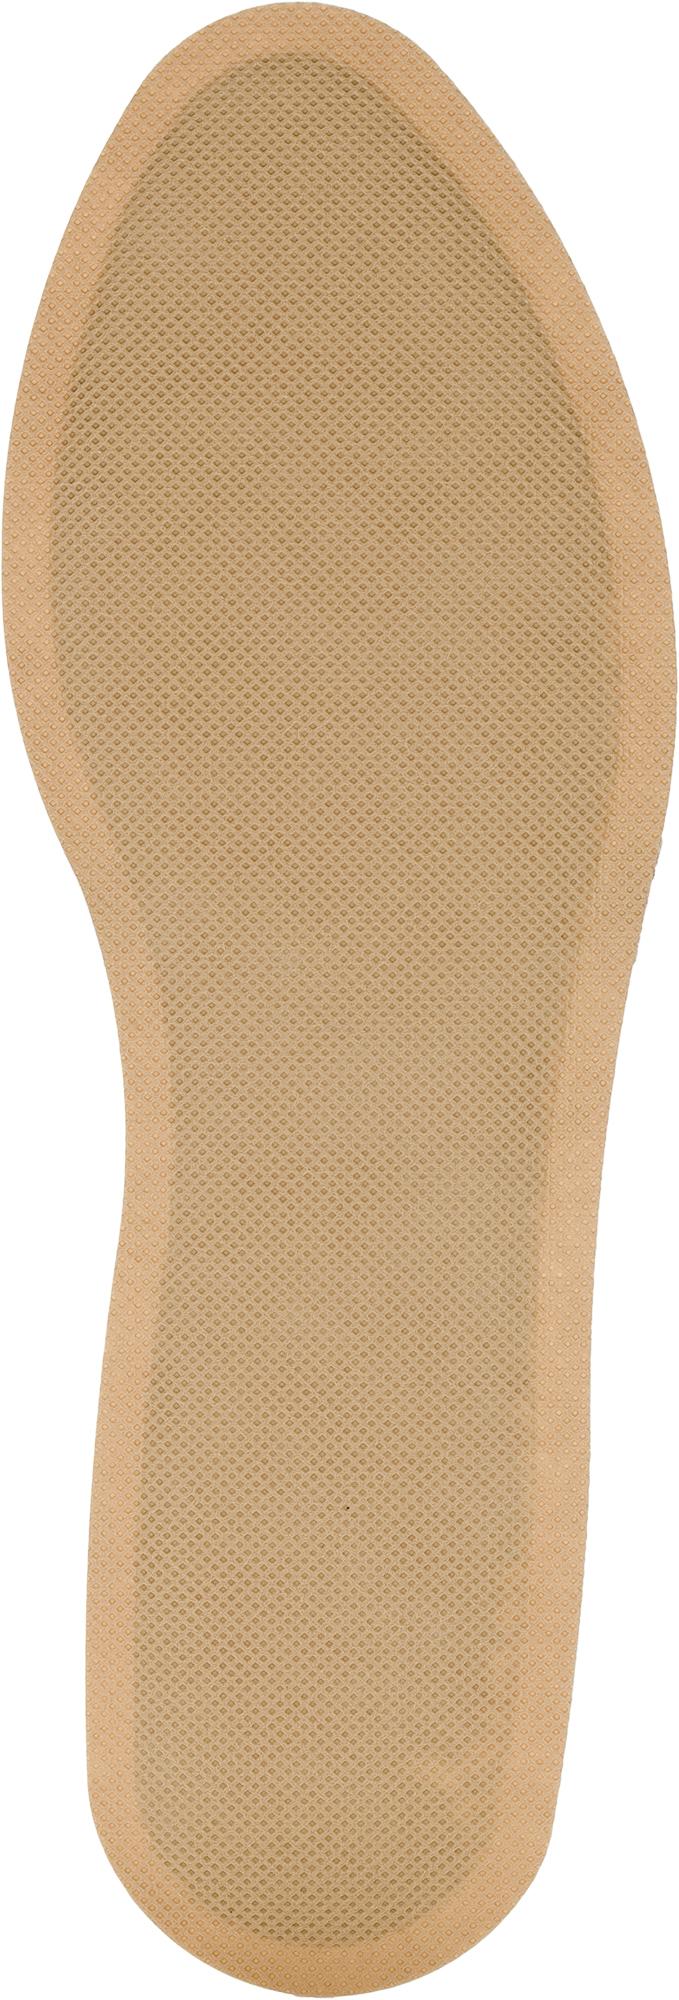 грелки Самогревы Грелки для ног Самогревы, размер 39-45